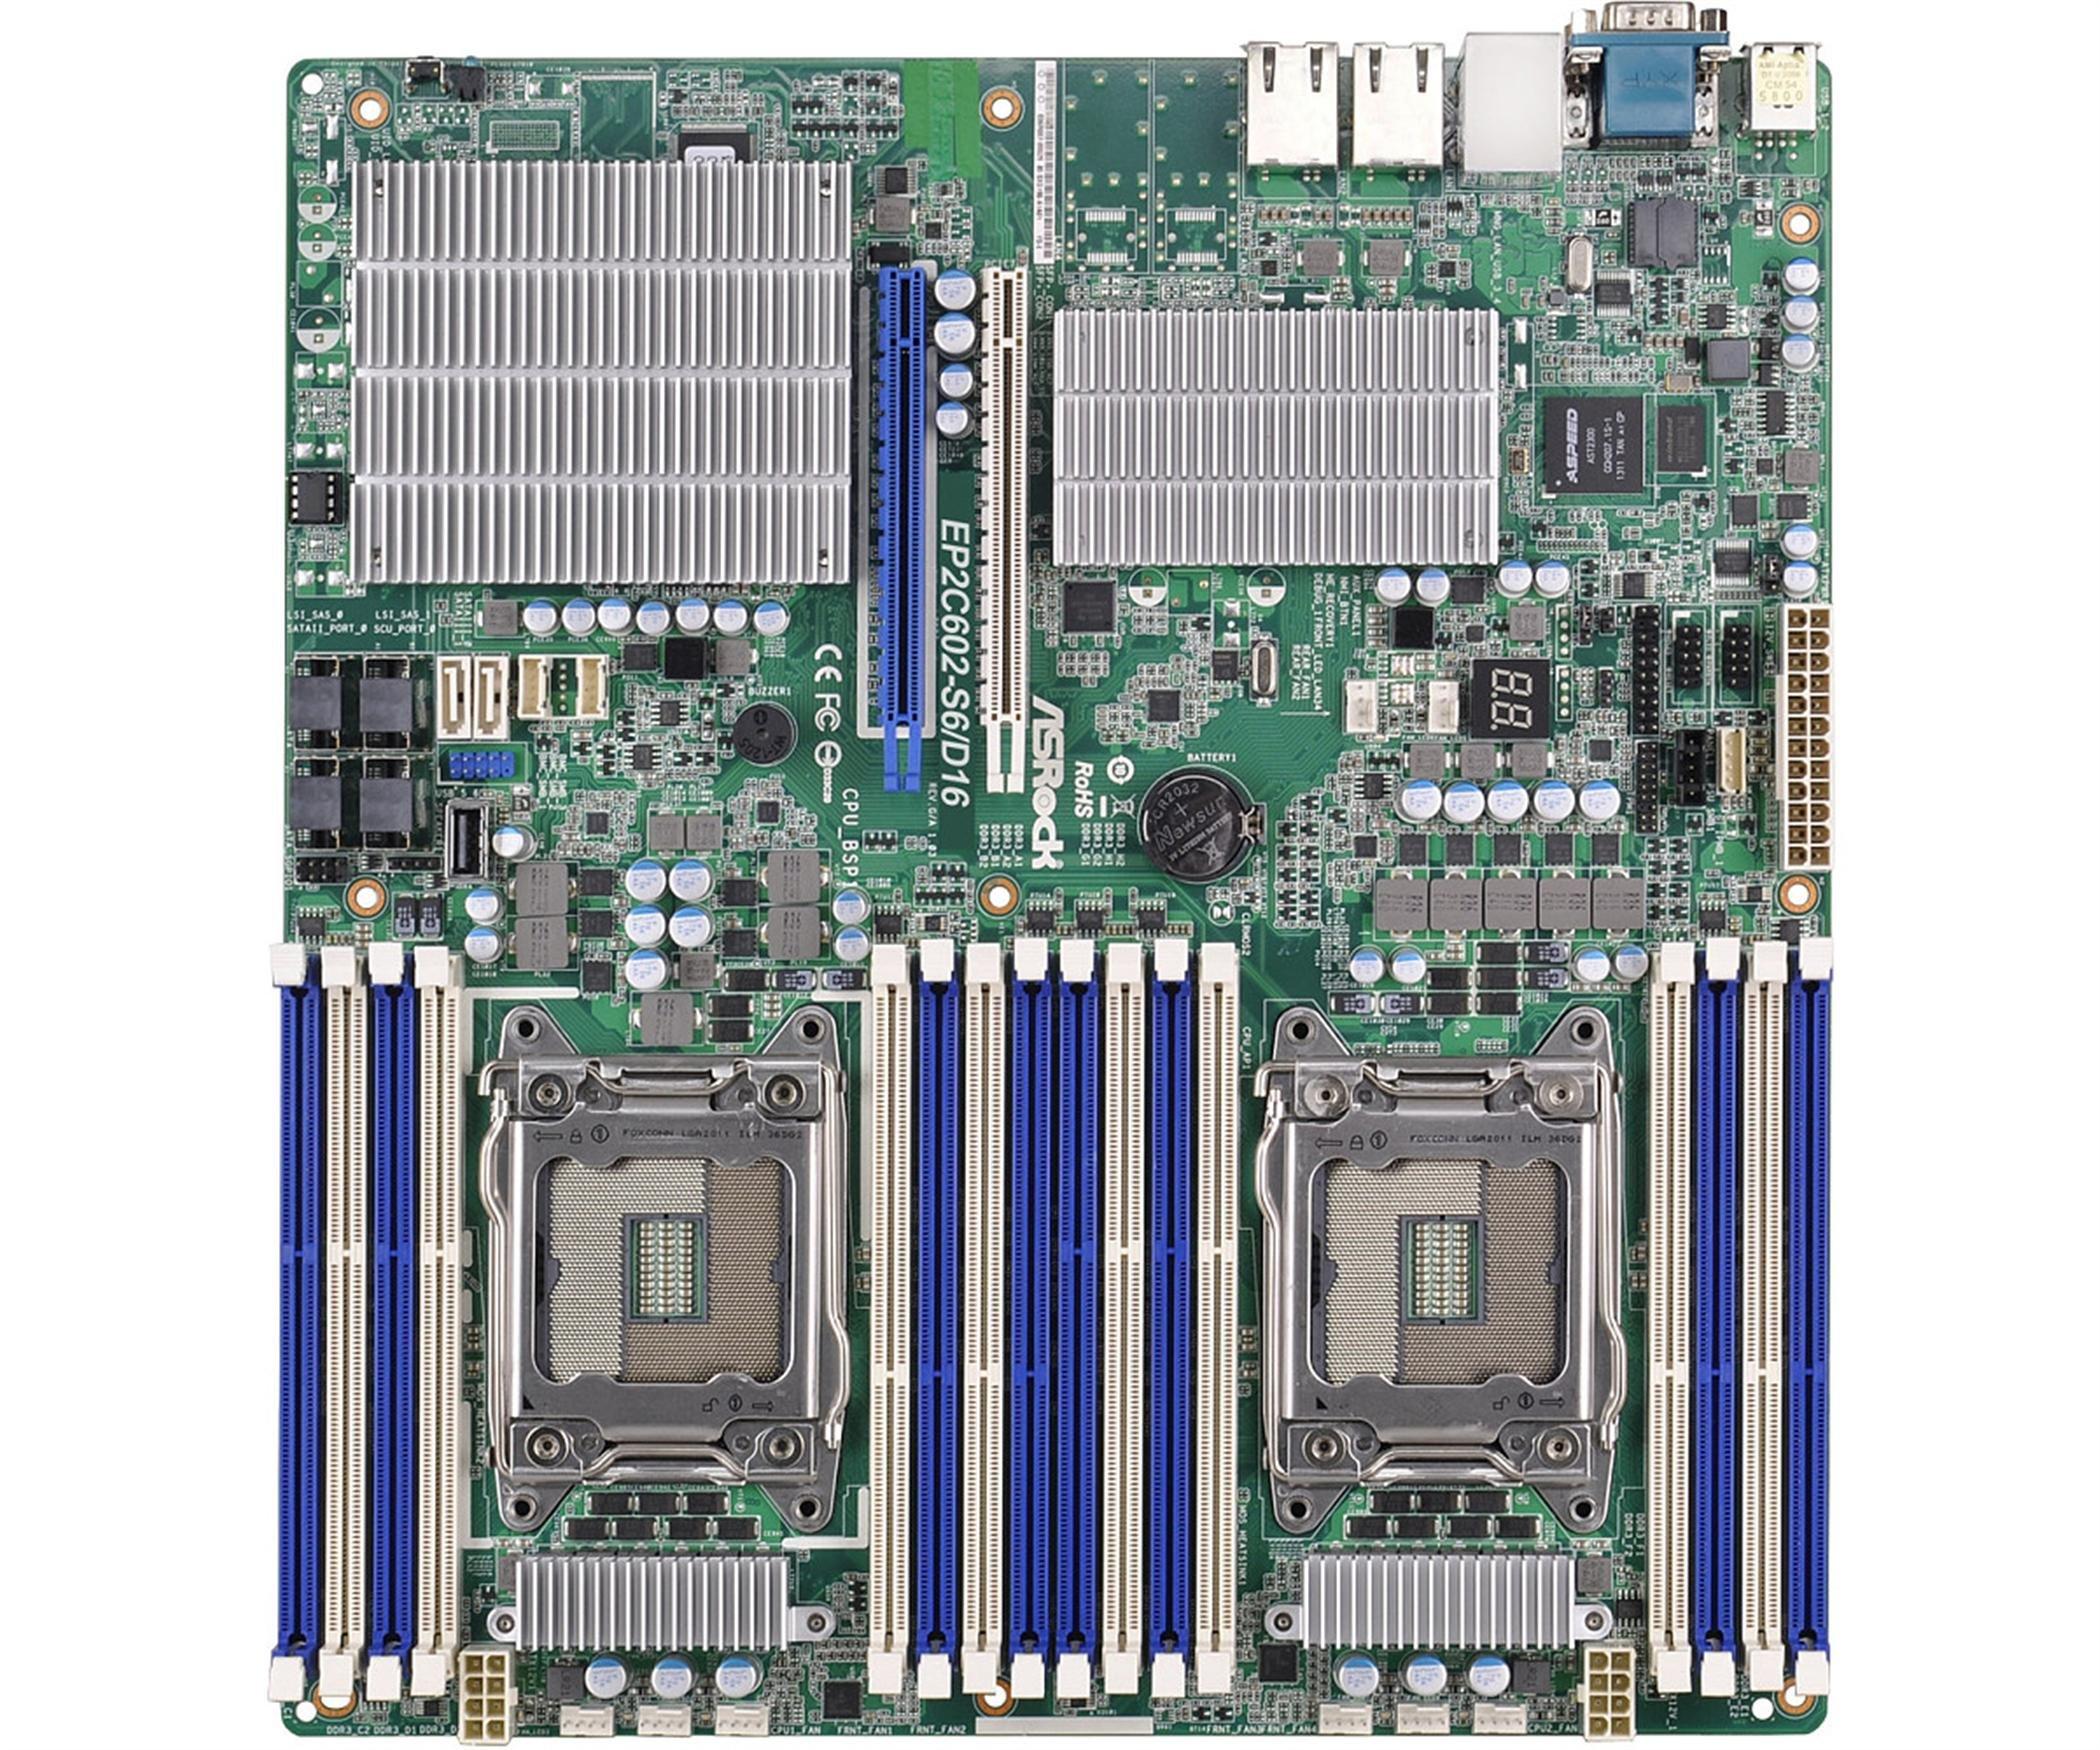 ASROCK RACK Motherboard SSI CEB 1066 LGA 2011 EP2C602-S6/D16